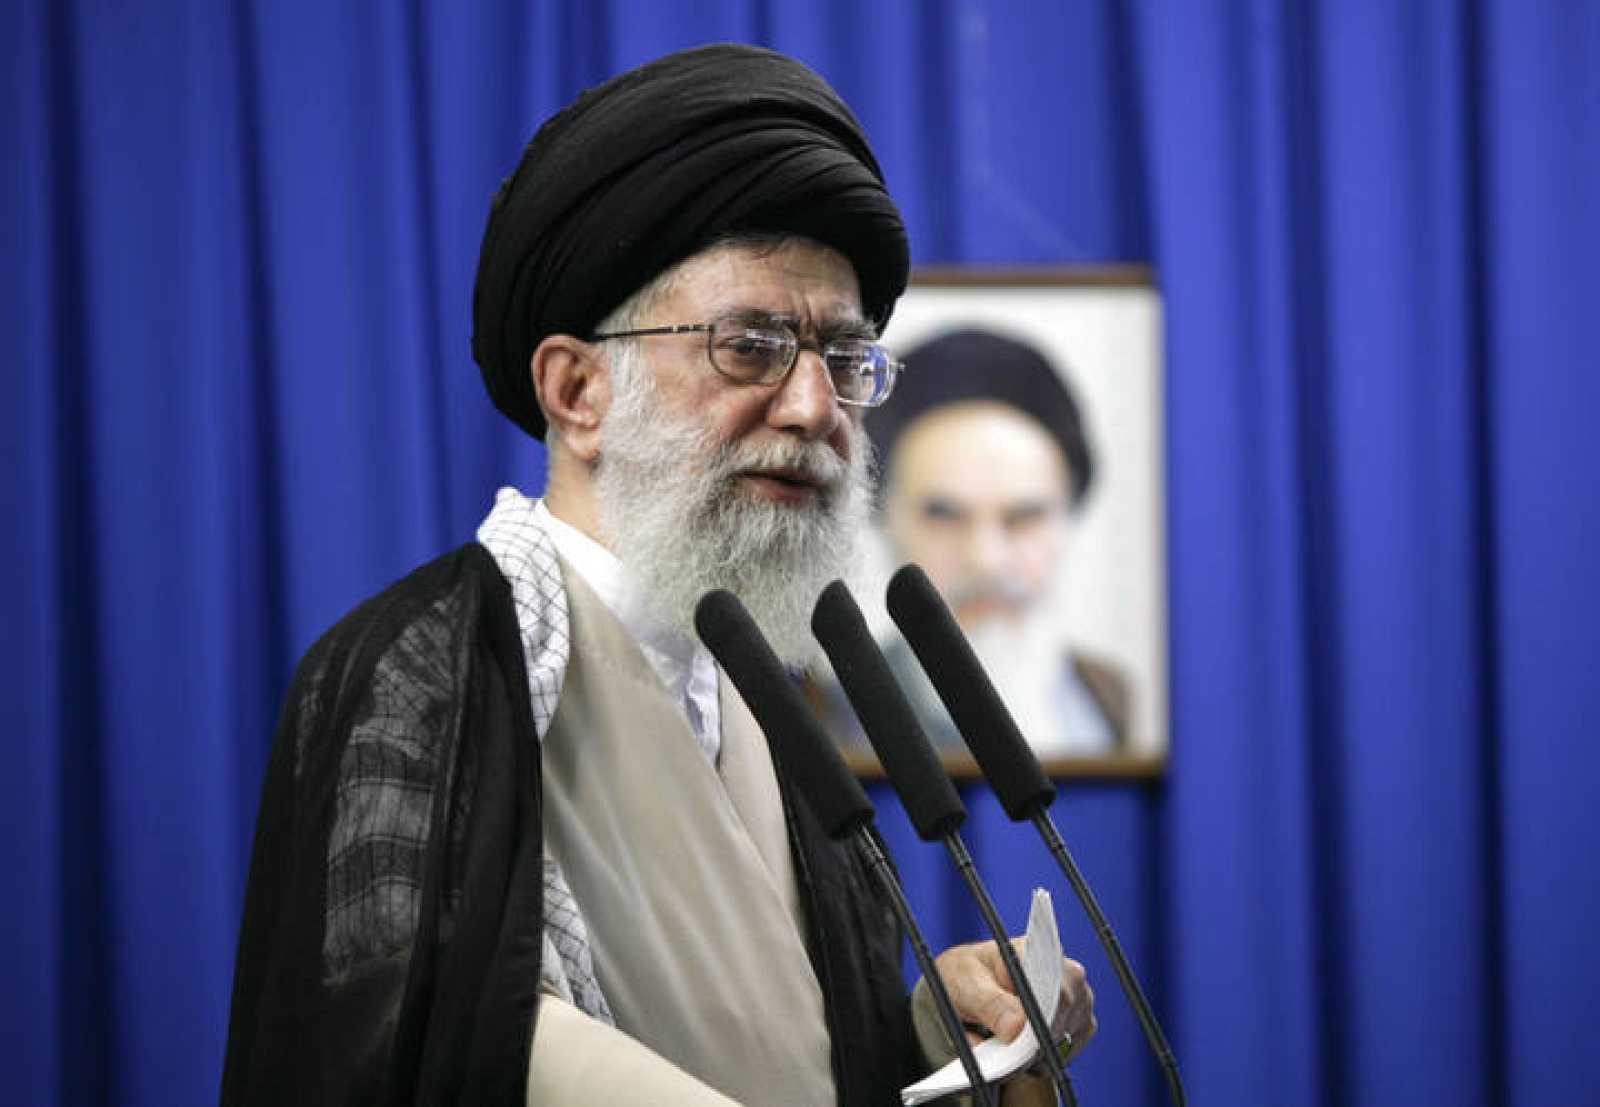 El líder supremo de la Revolución iraní, Ali Jamenei